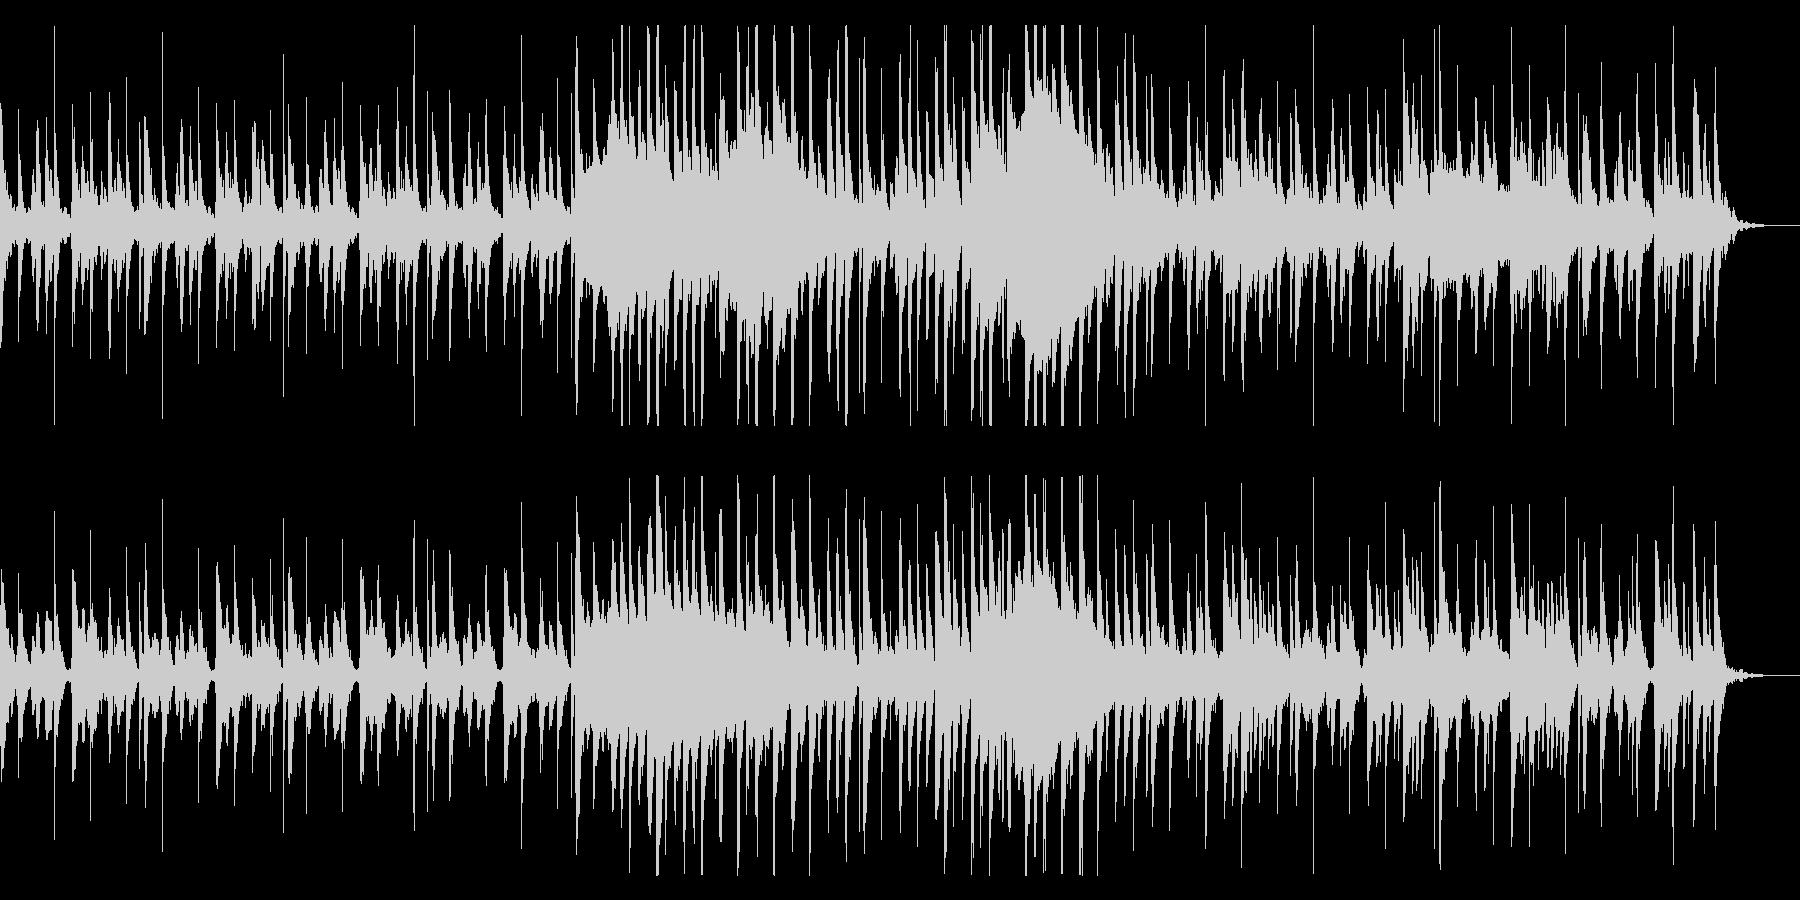 昔話で使われるようなのんきな和風BGMの未再生の波形